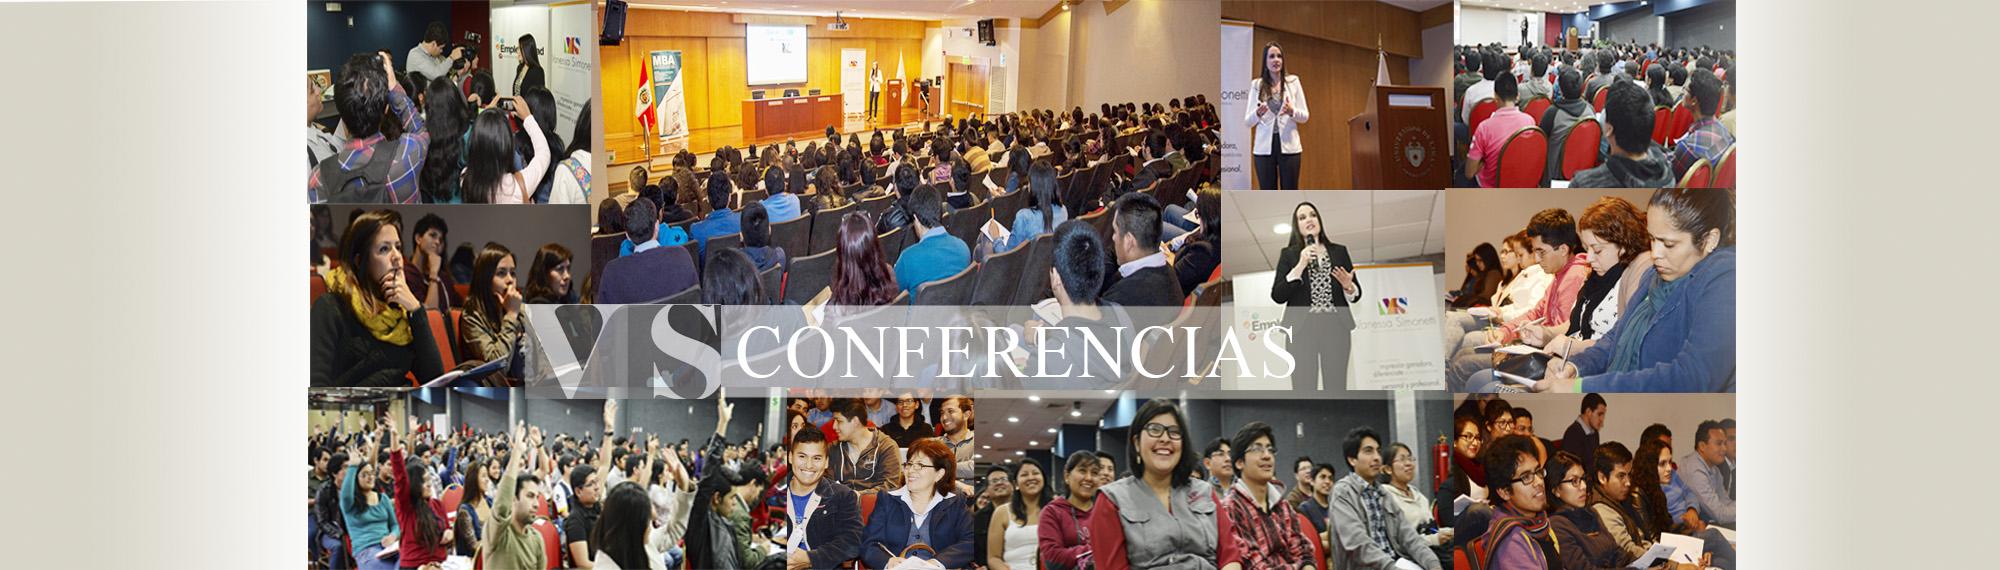 conferencias-estudiantiles1